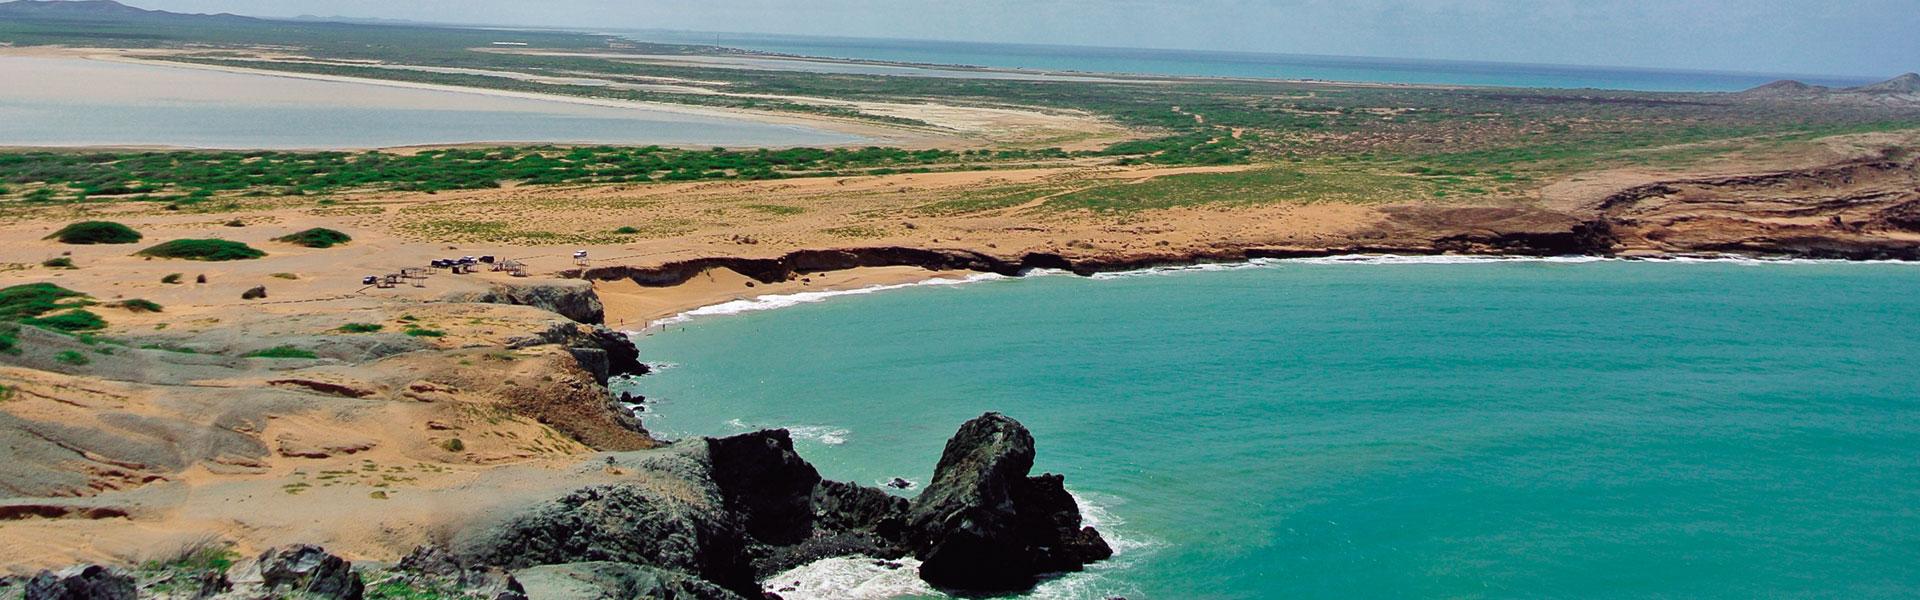 Tour Cabo de la Vela 2 days